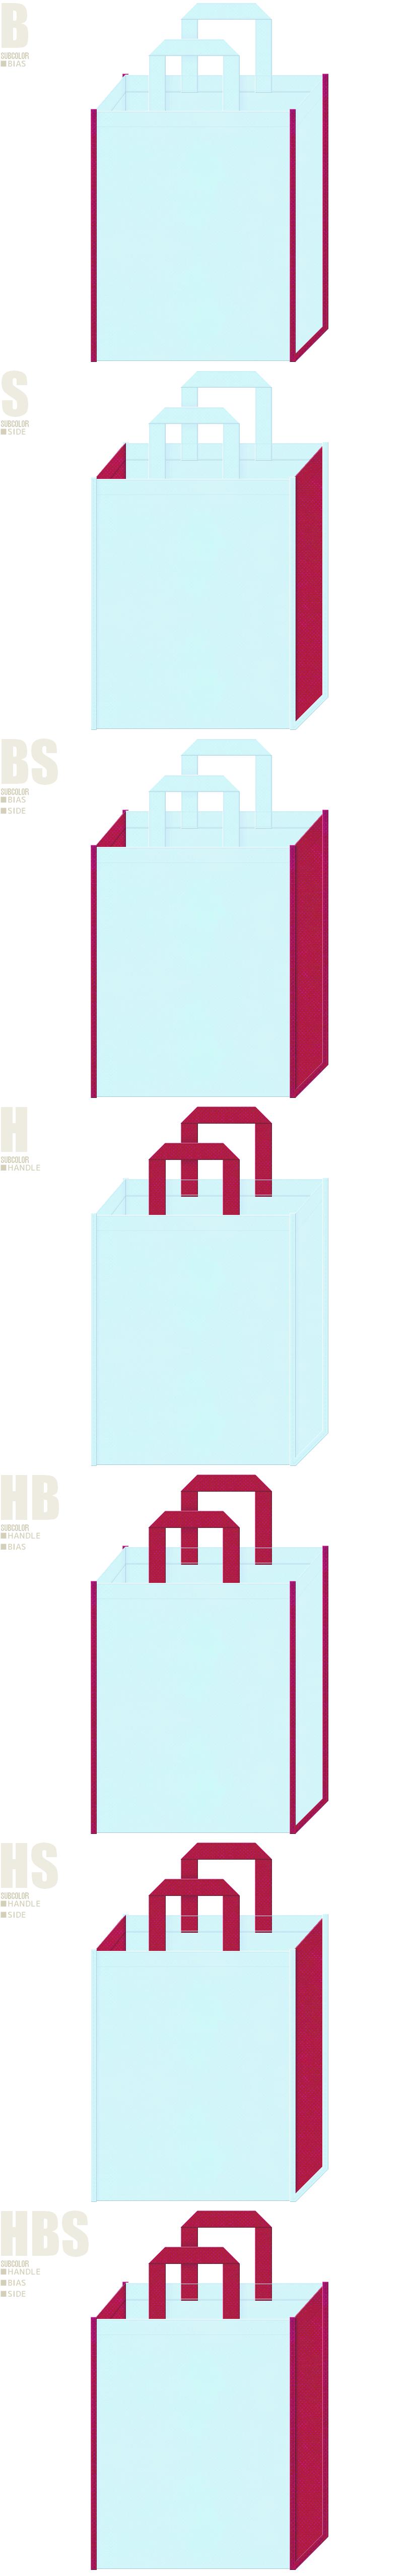 水色と濃いピンク色-7パターンの不織布トートバッグ配色デザイン例:浴衣・トロピカルイメージにお奨めです。